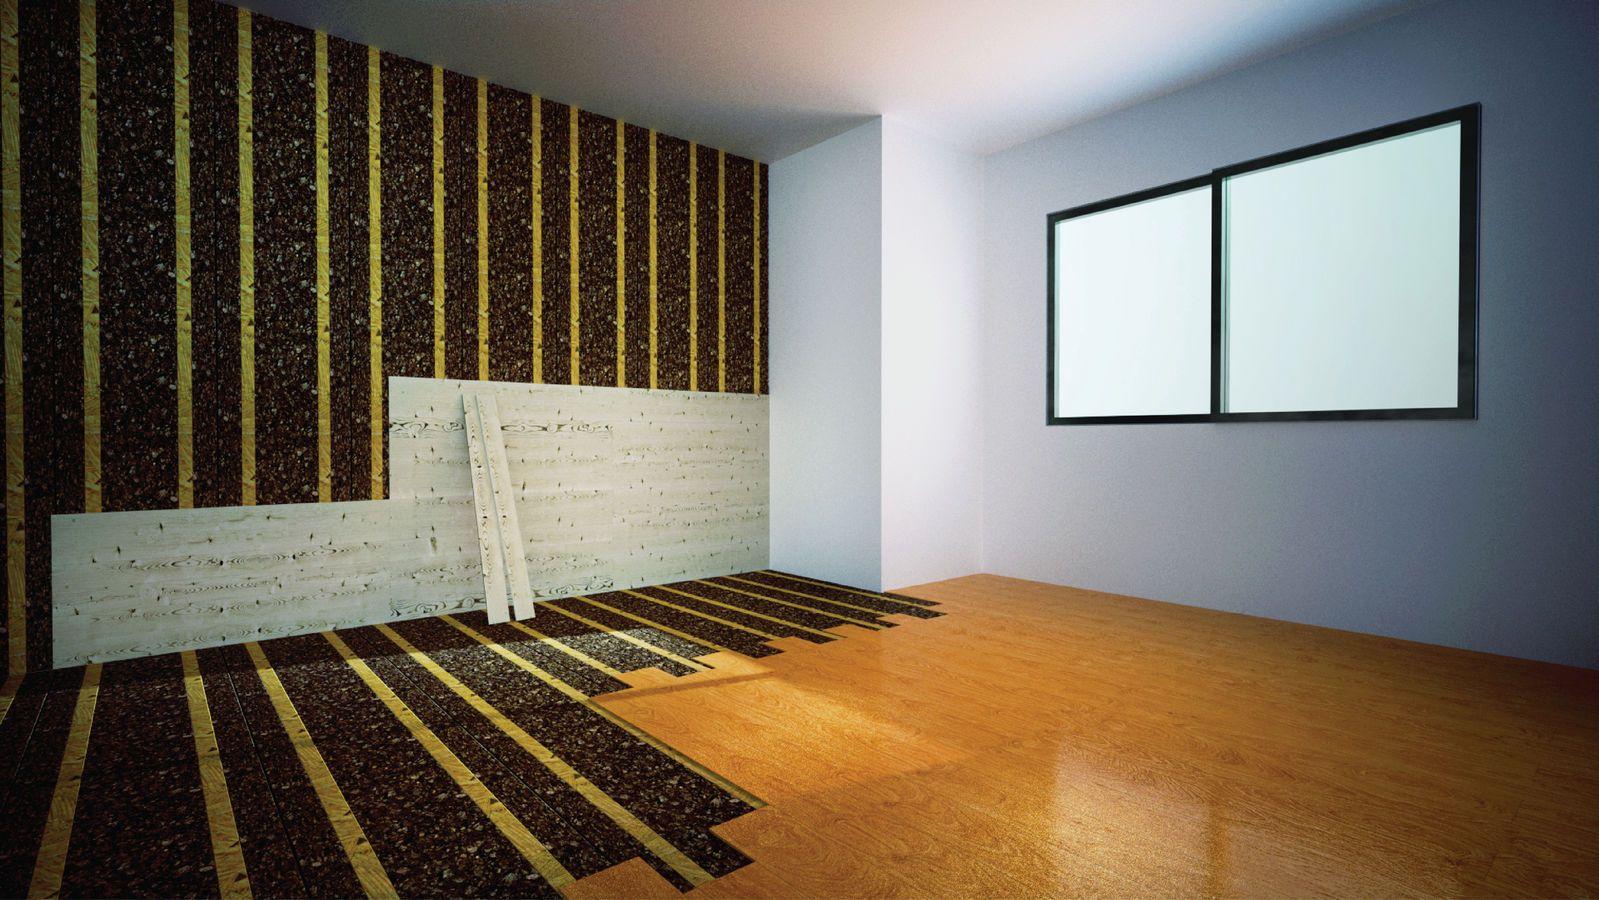 Pin de equipamiento hogar en aislamientos techos azoteas terrazas aislamiento paneles de - Aislamiento paredes interiores ...